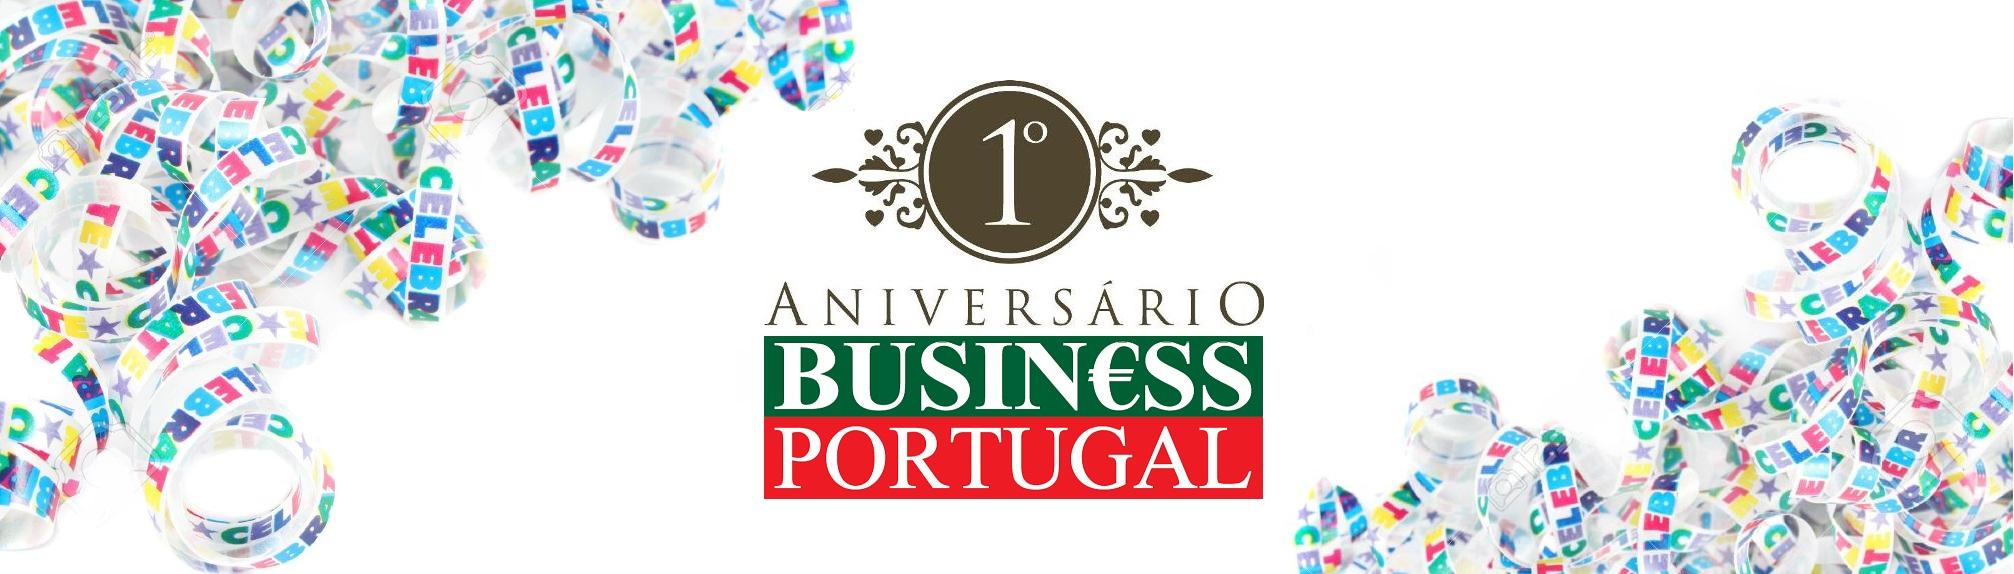 1 ano de atividades da Business Portugal